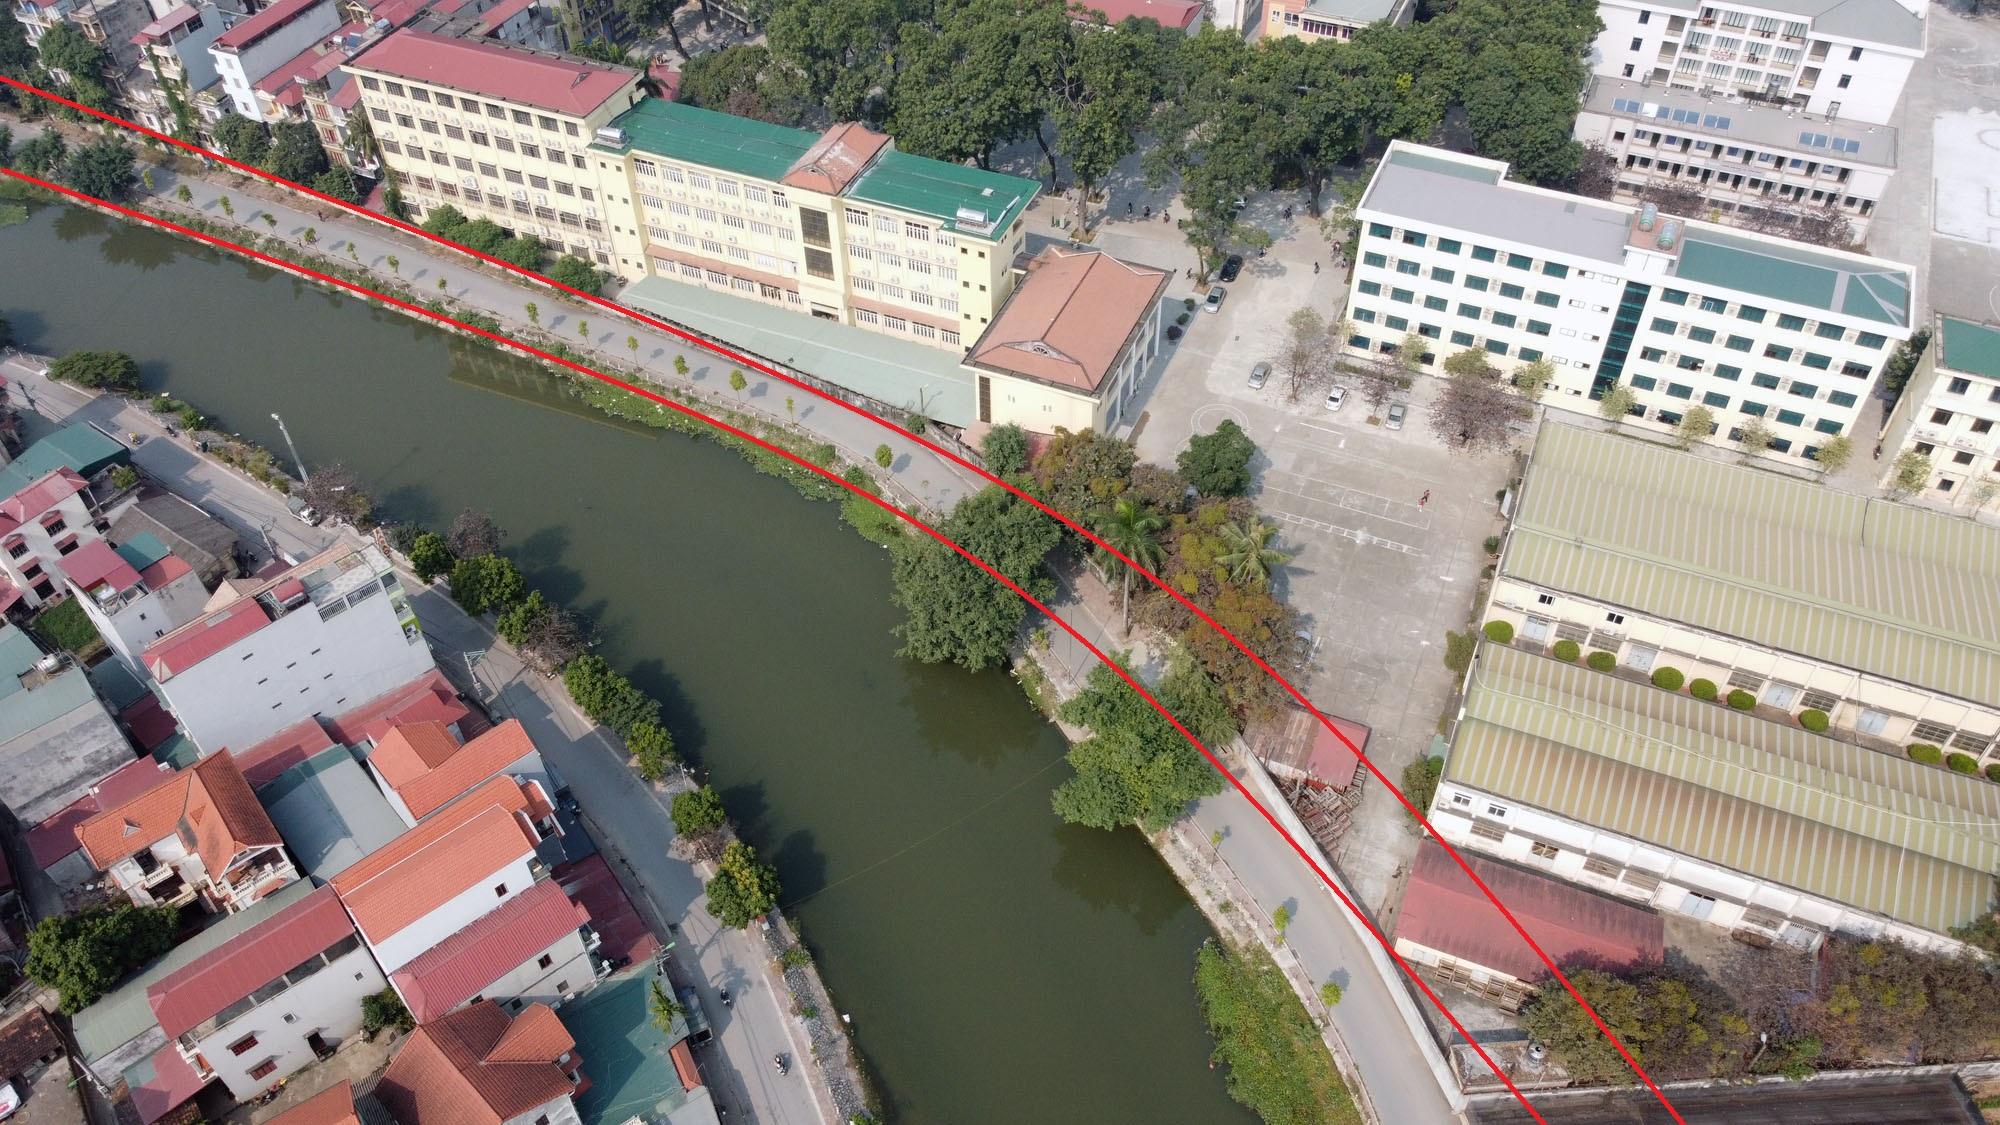 Ba đường sẽ mở theo qui hoạch ở phường Tây Tựu, Bắc Từ Liêm (phần 2) - Ảnh 10.